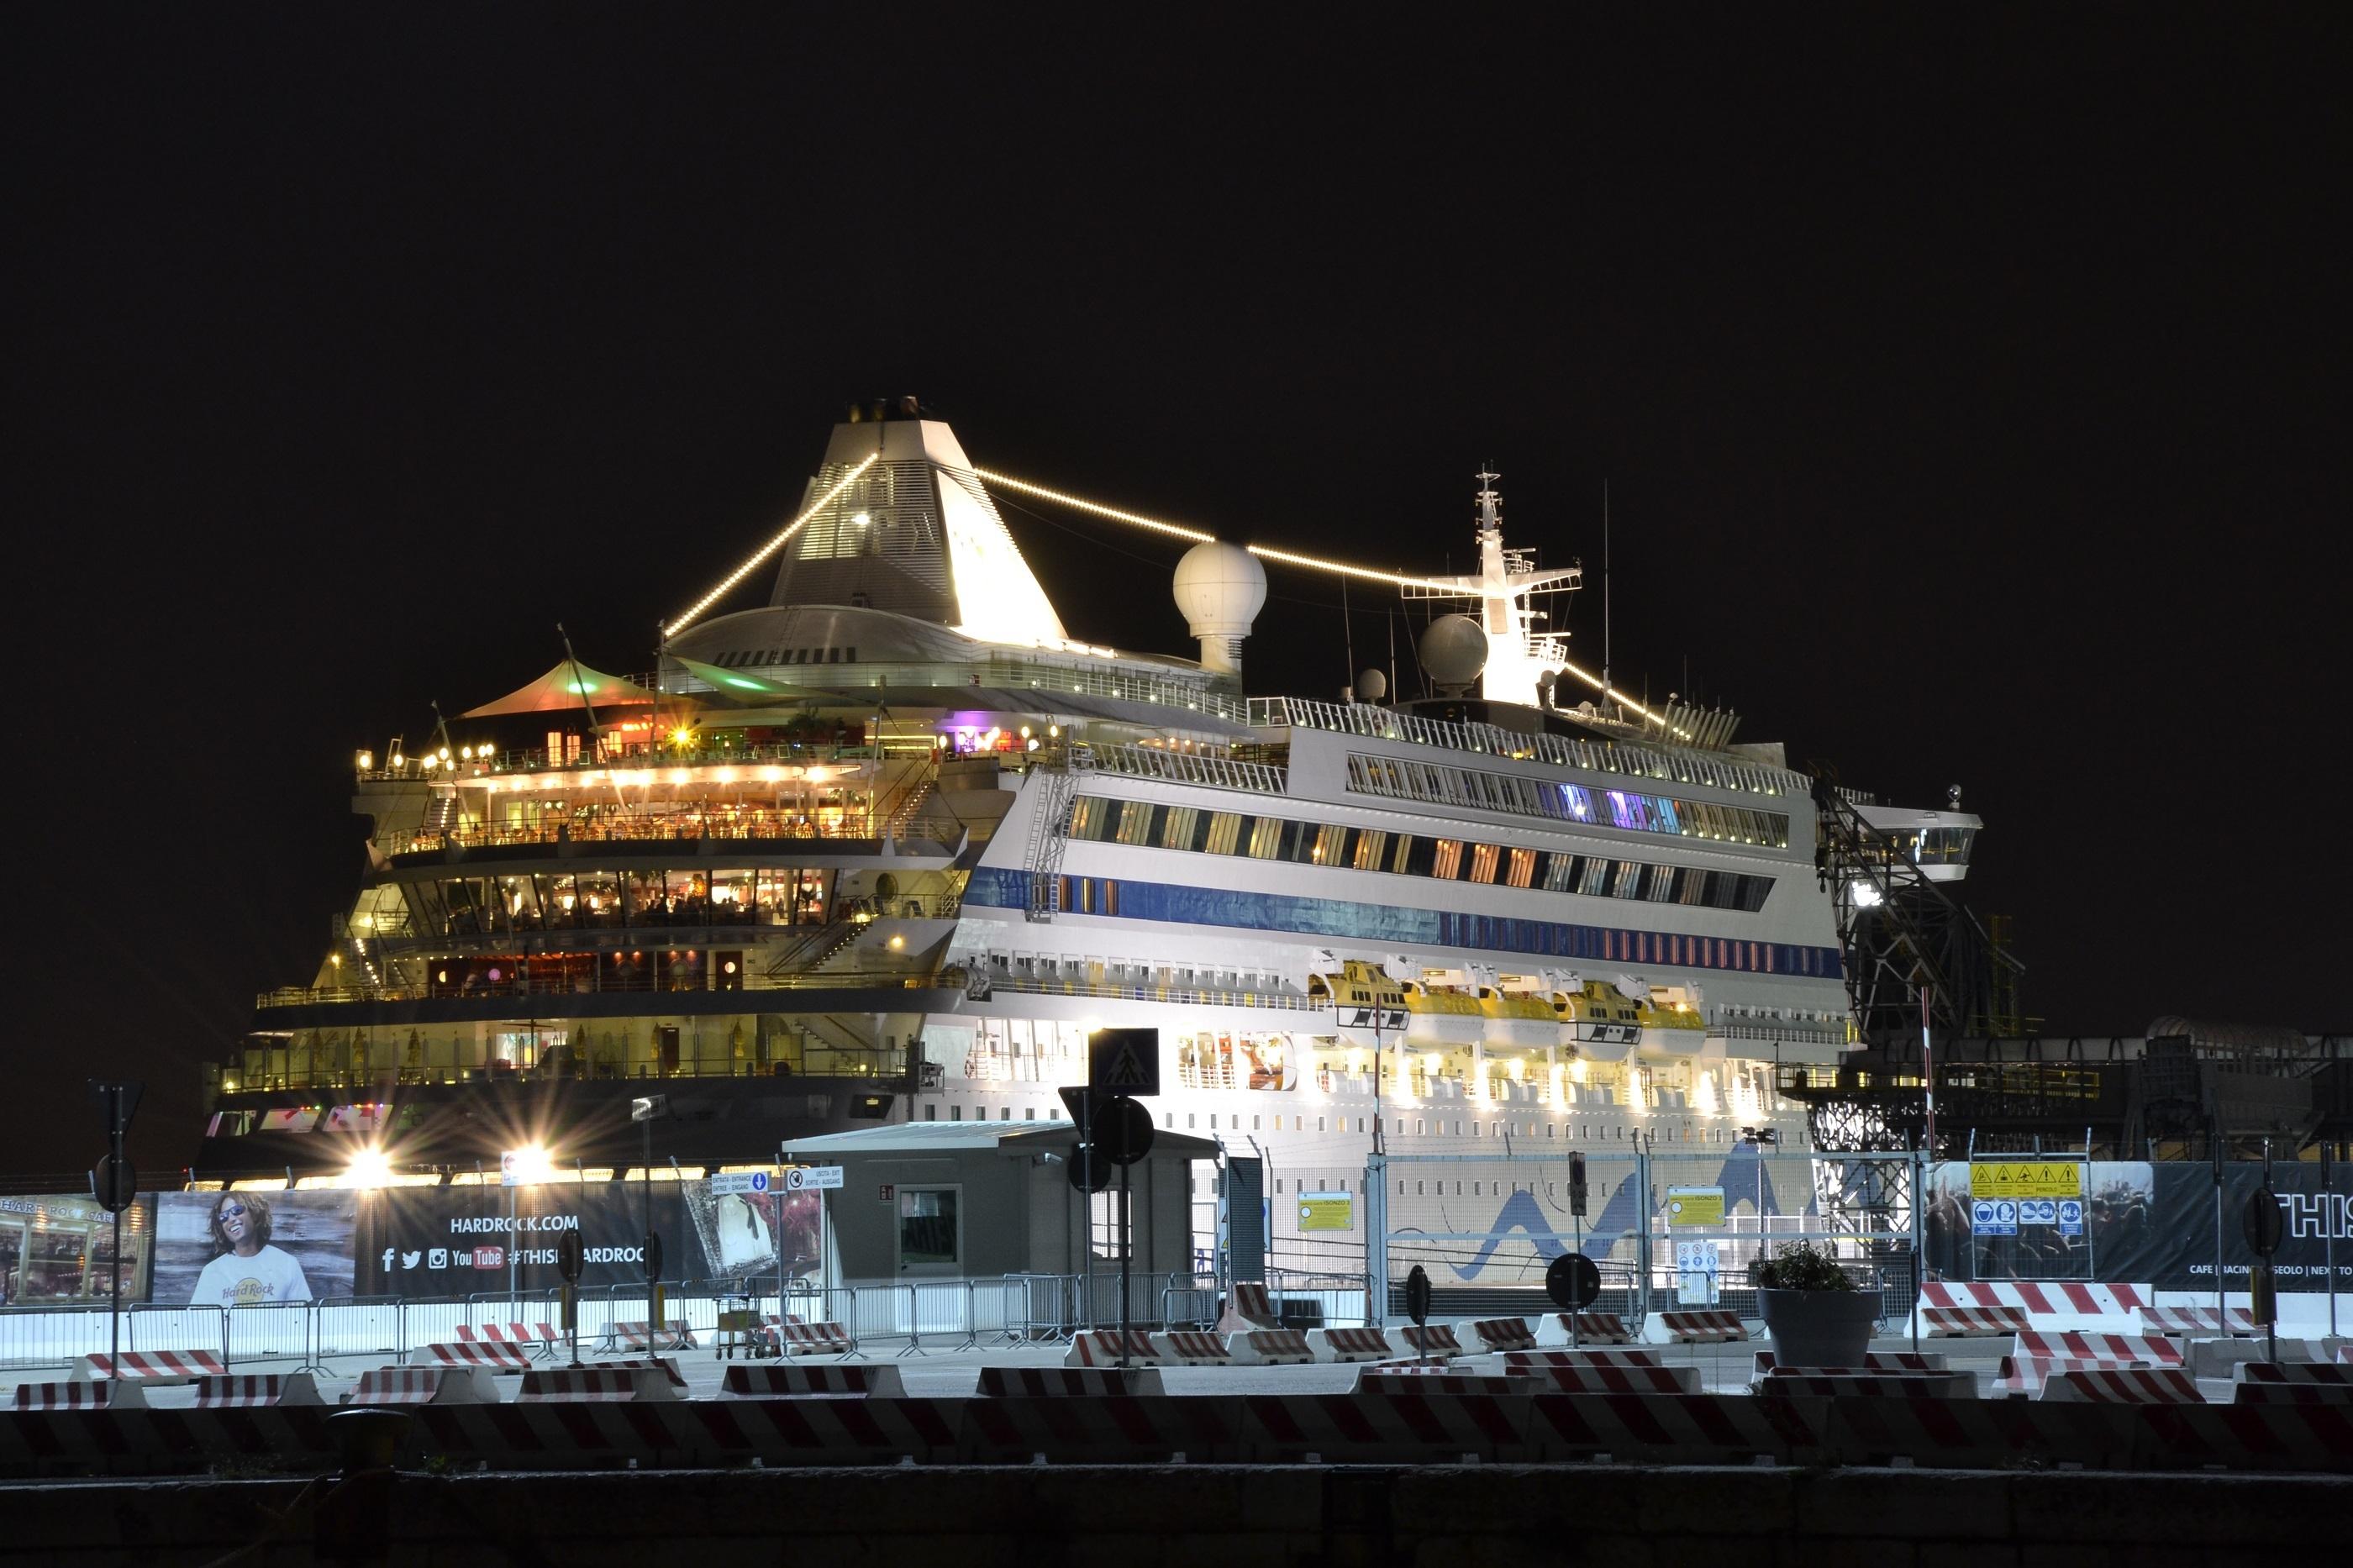 Cruise Ship, Boat, Cruise, Journey, Night, HQ Photo